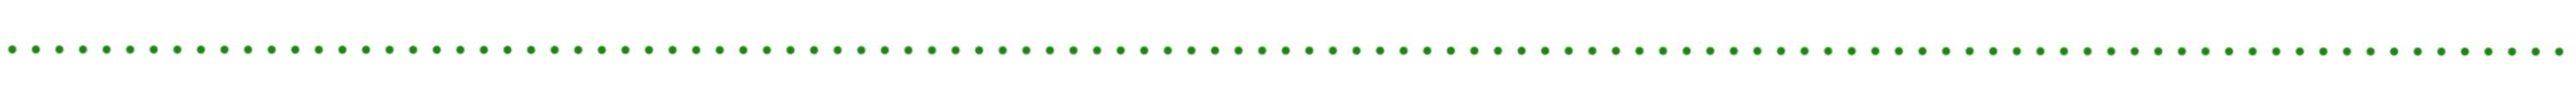 分界线2.jpg